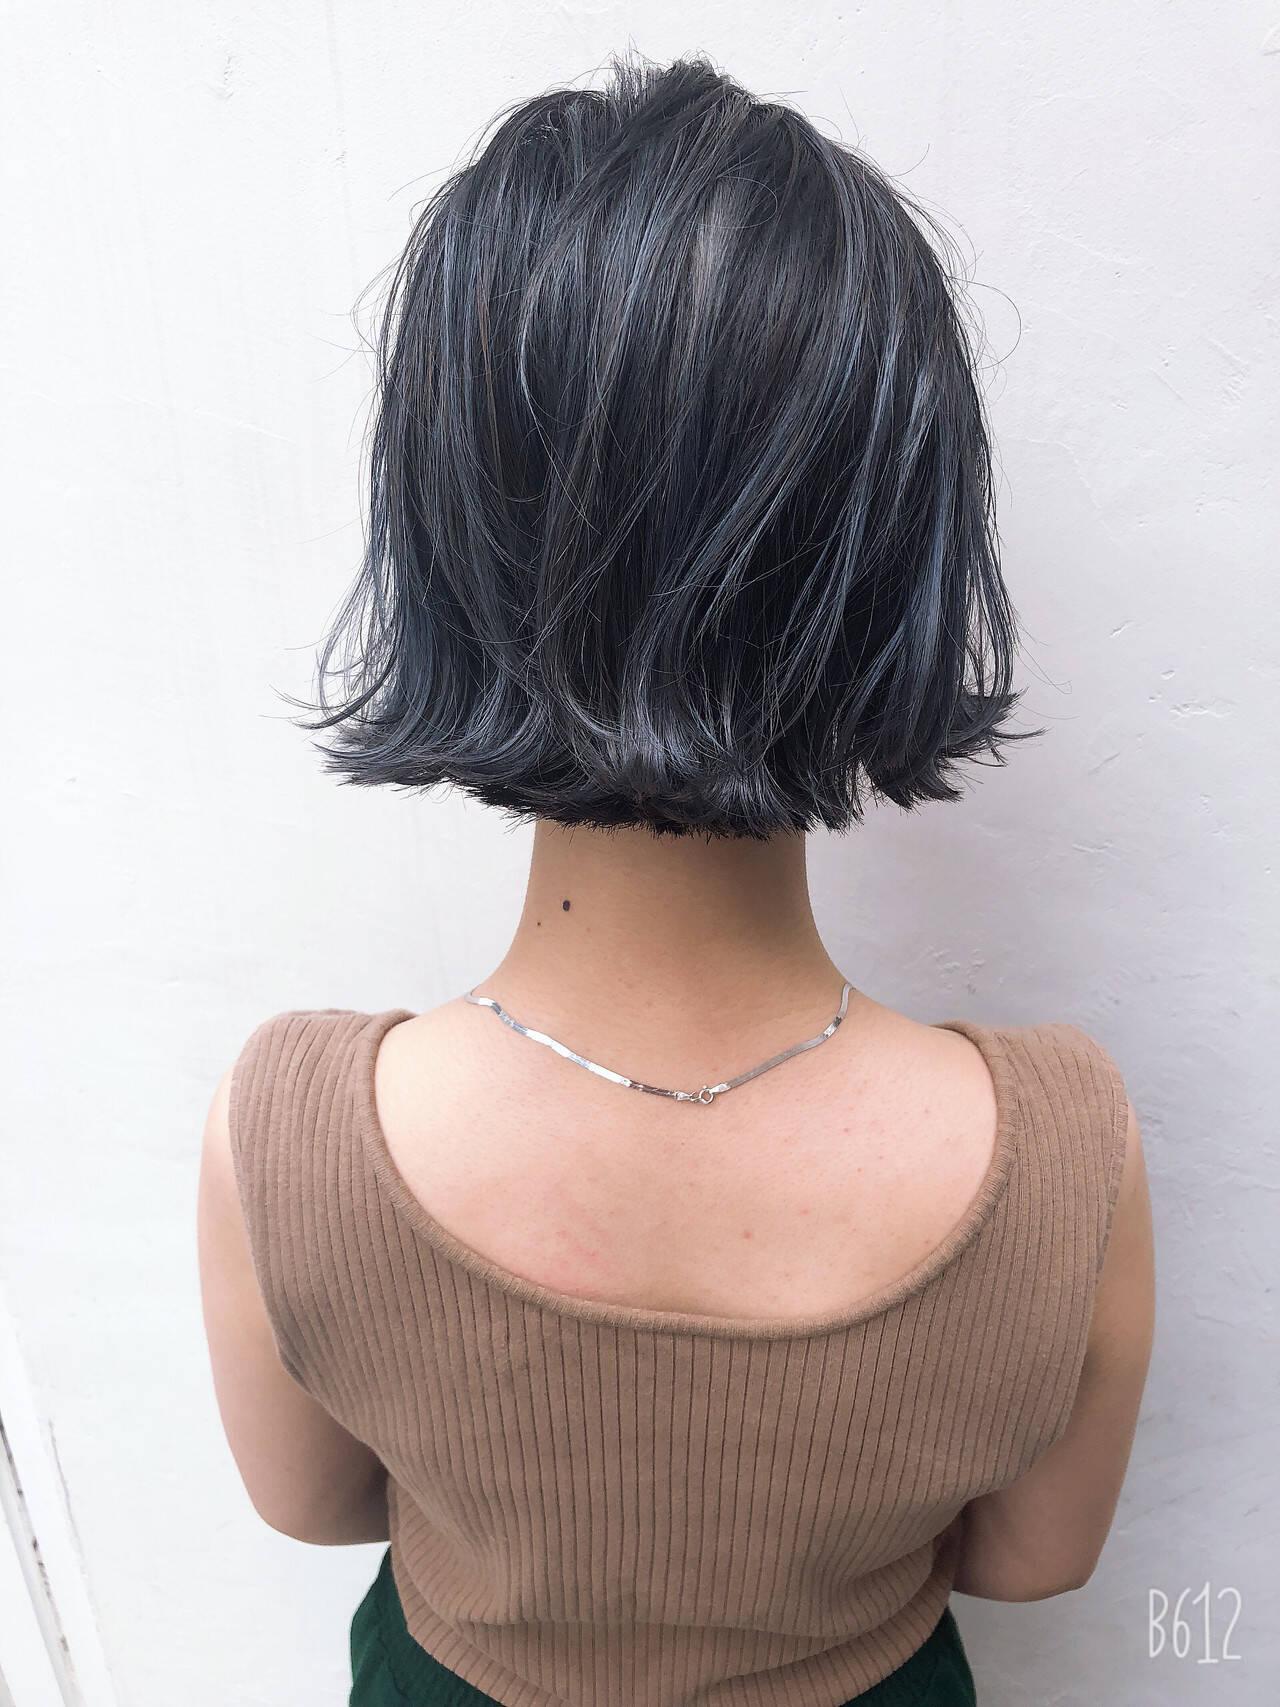 グレー ブルージュ ボブ ナチュラルヘアスタイルや髪型の写真・画像